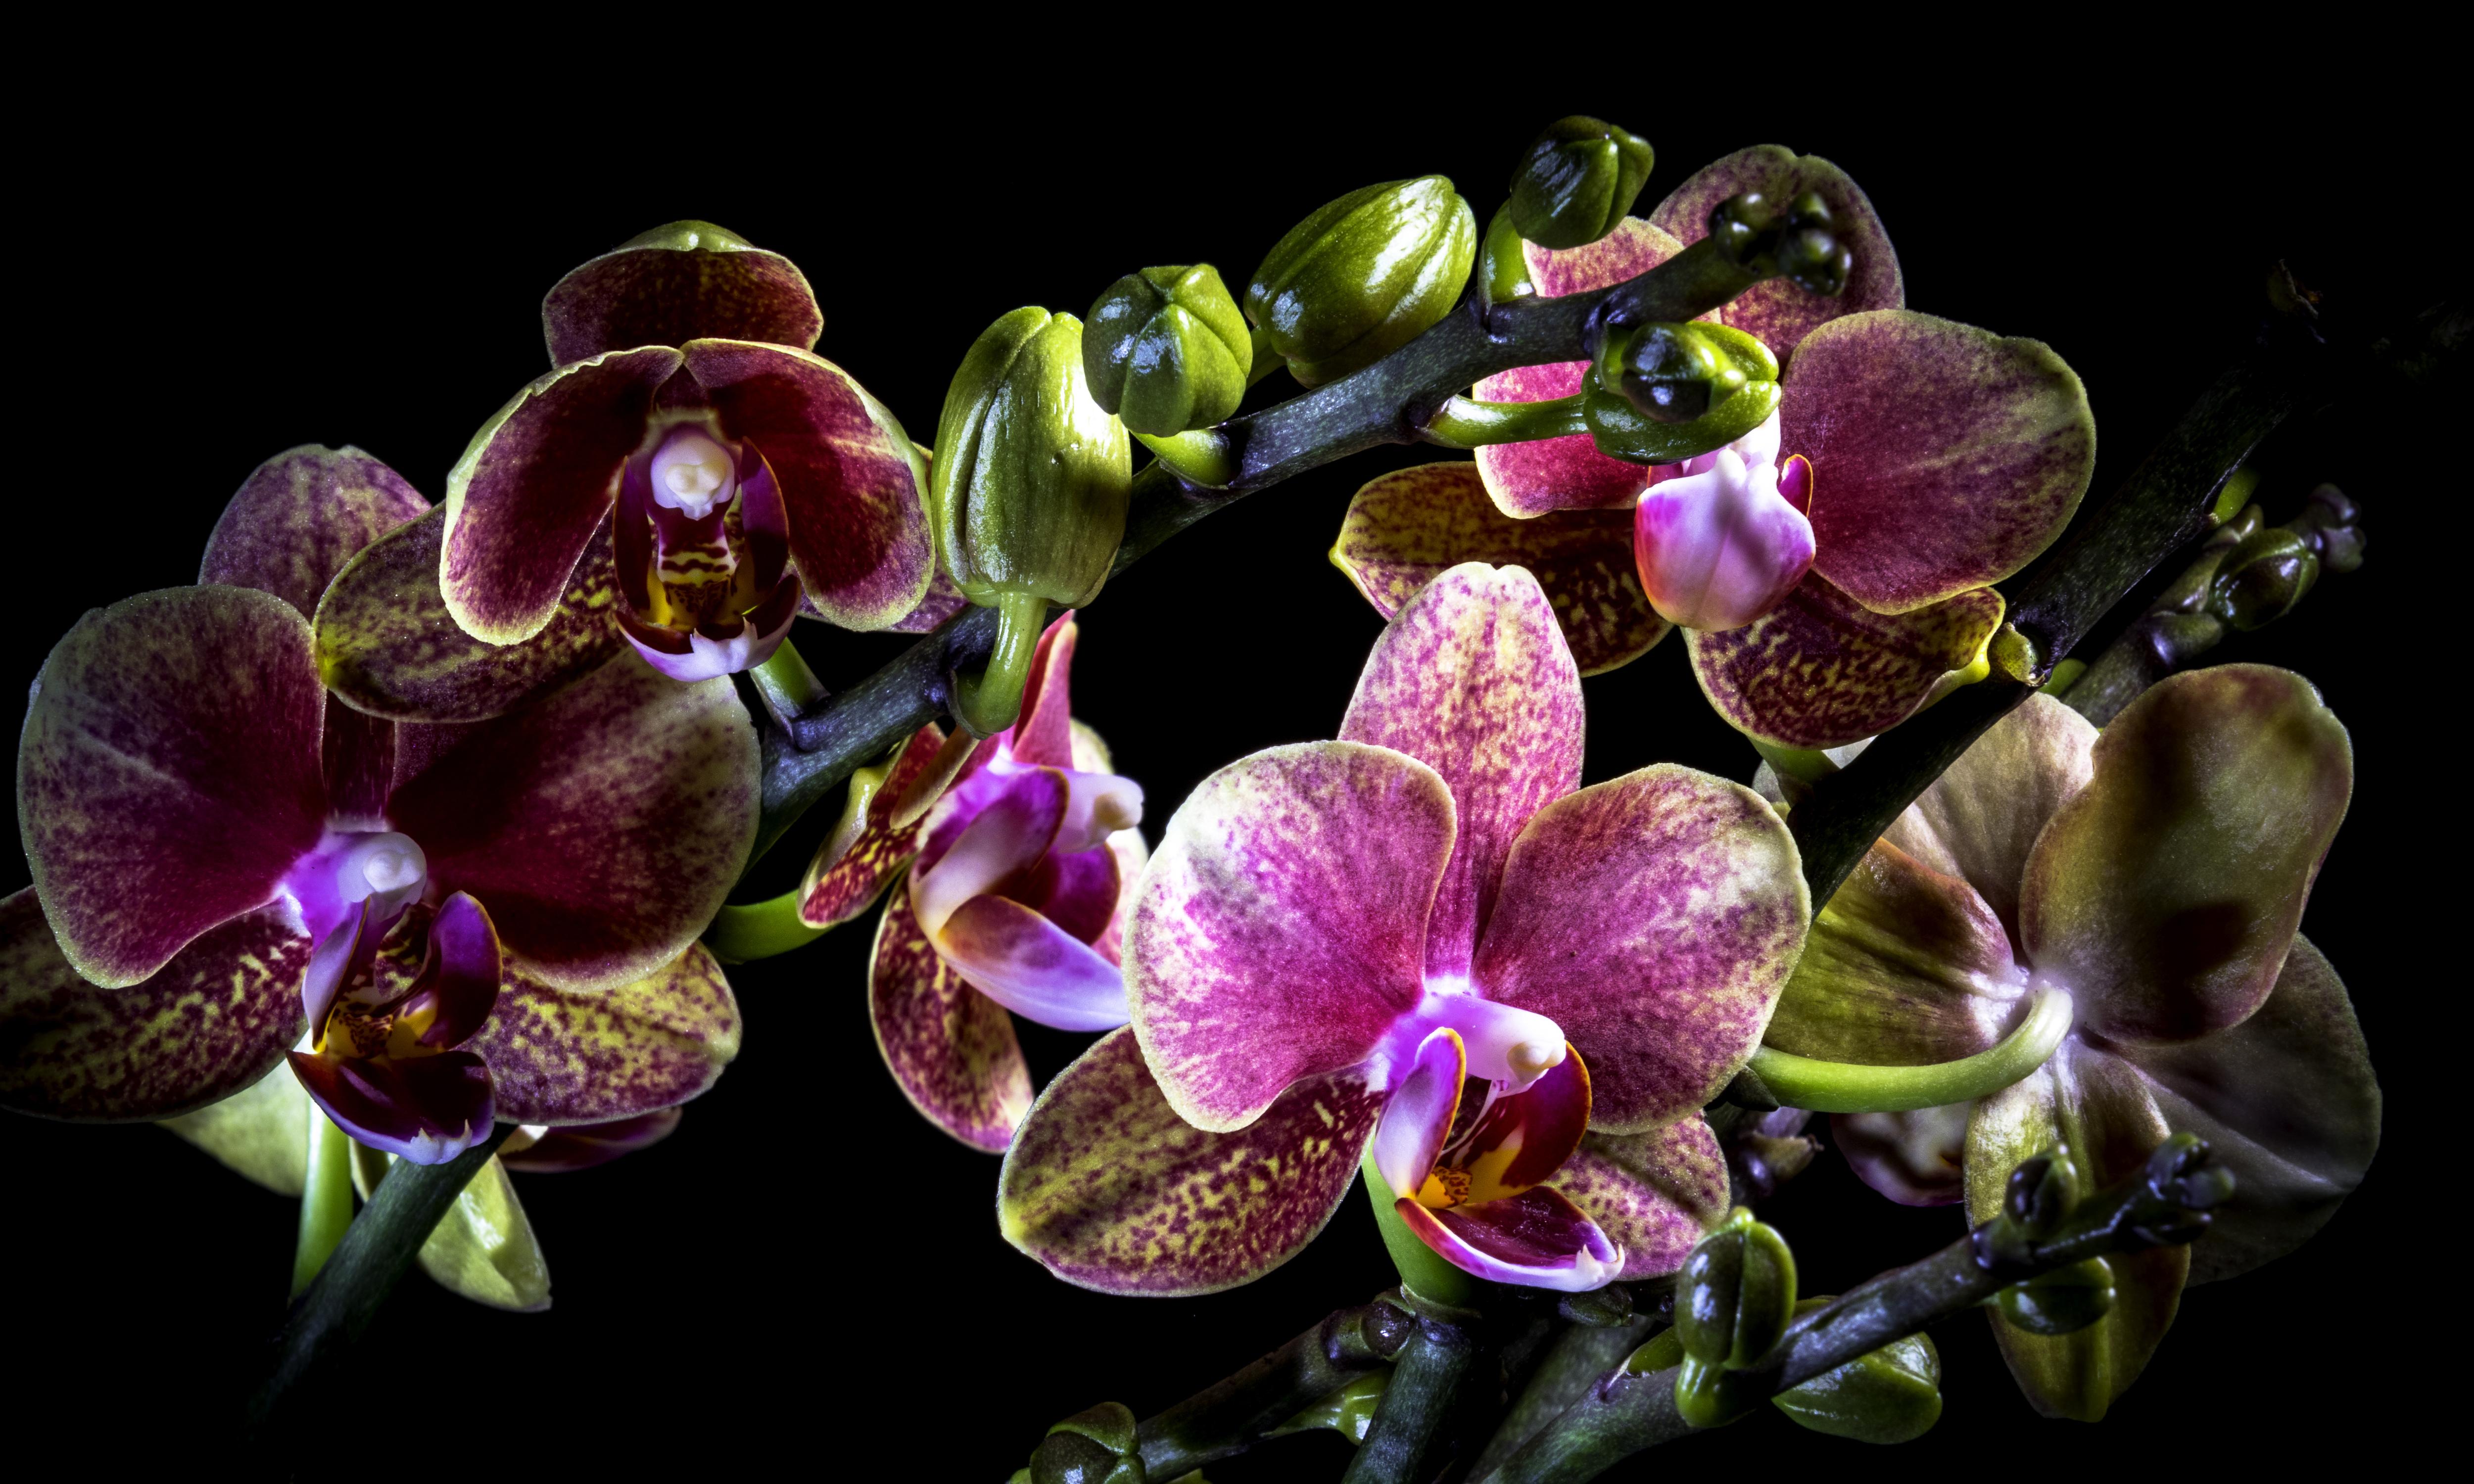 Фото орхидея цветок Черный фон Крупным планом 5000x3000 Орхидеи Цветы вблизи на черном фоне